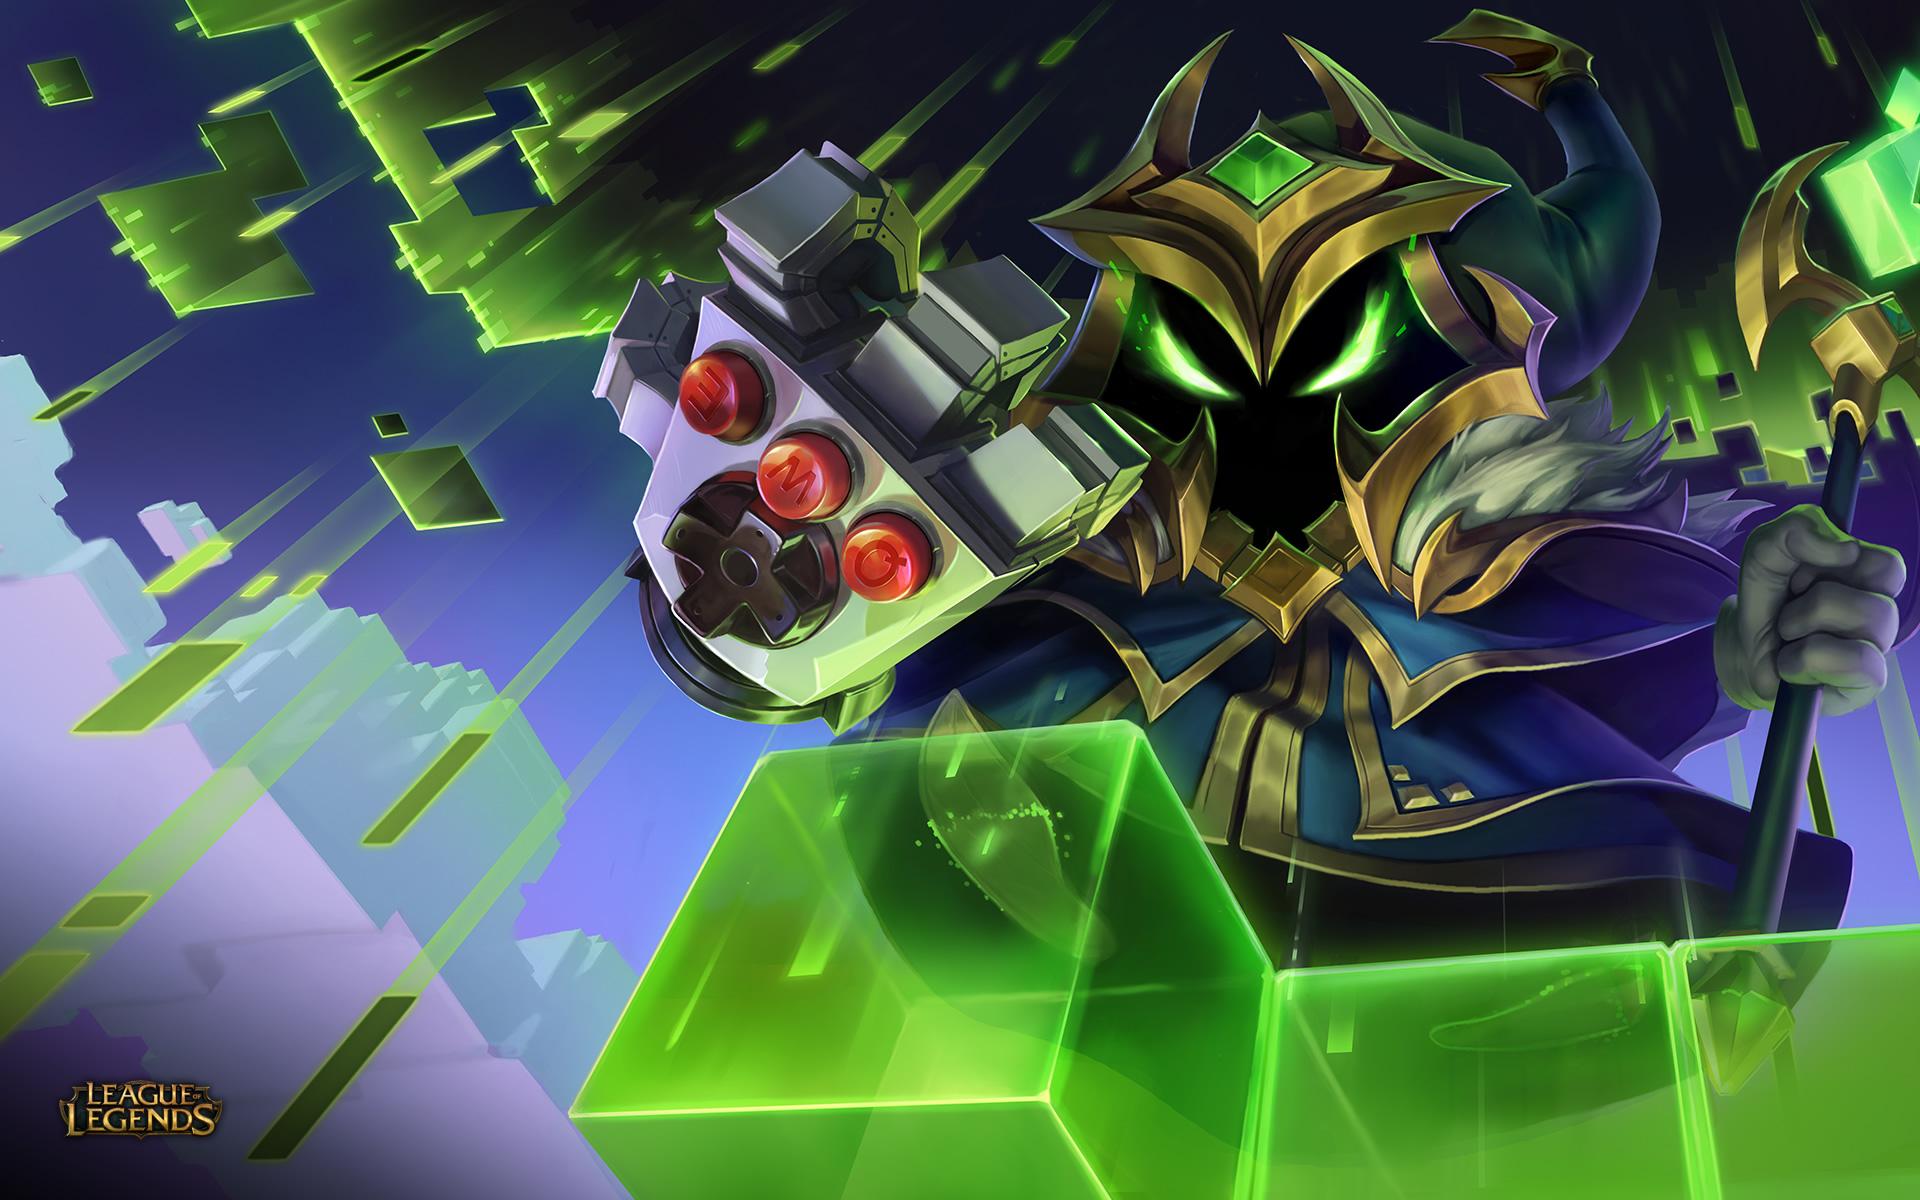 Arcade Final Boss Veigar Wallpaper League Of Legends Wallpapers